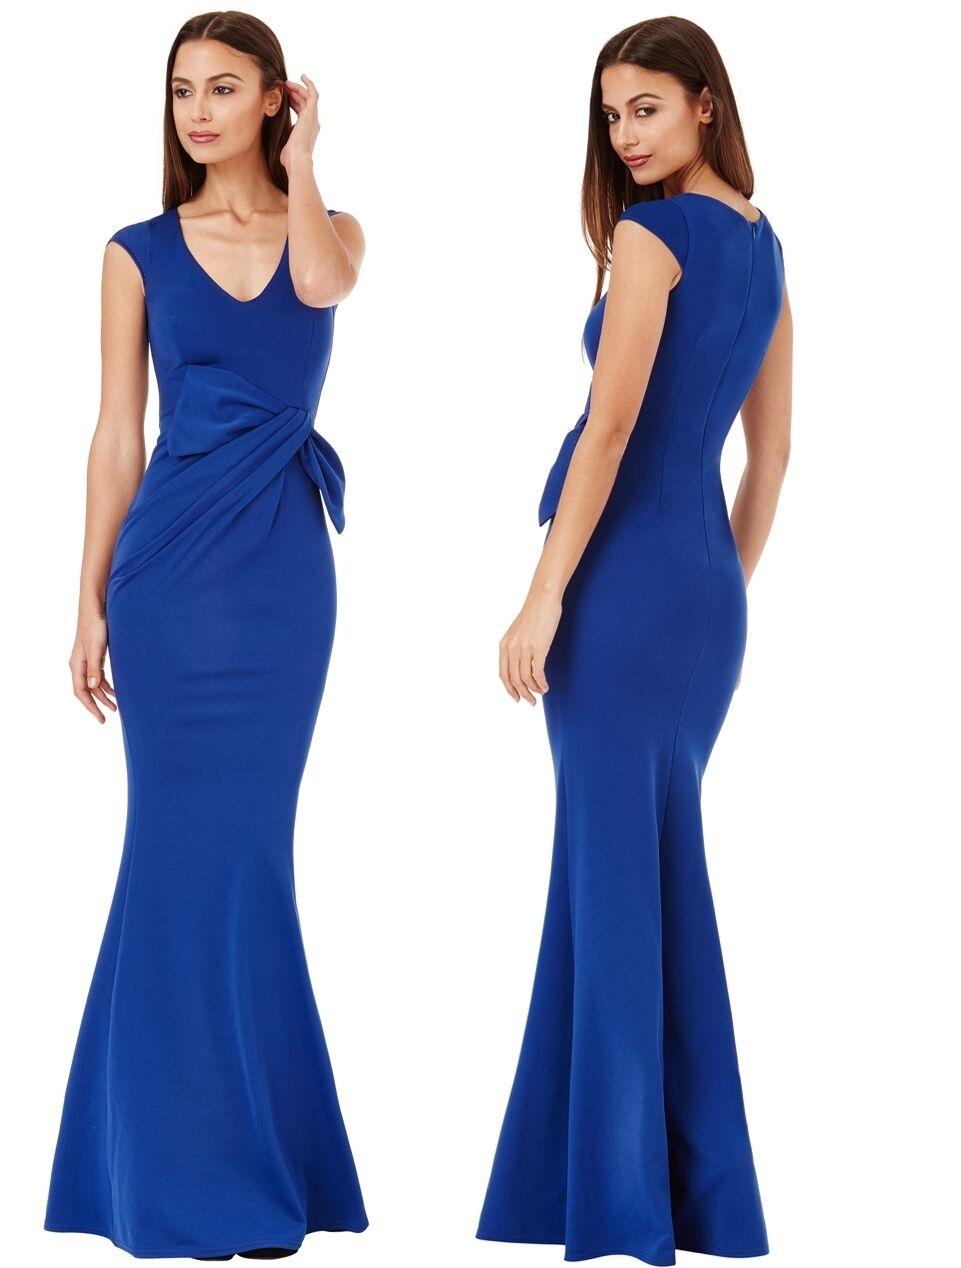 Goddiva lungo Royal blu drappeggio fiocco senza senza senza maniche da sera da abito lungo damigella d'onore d9263d